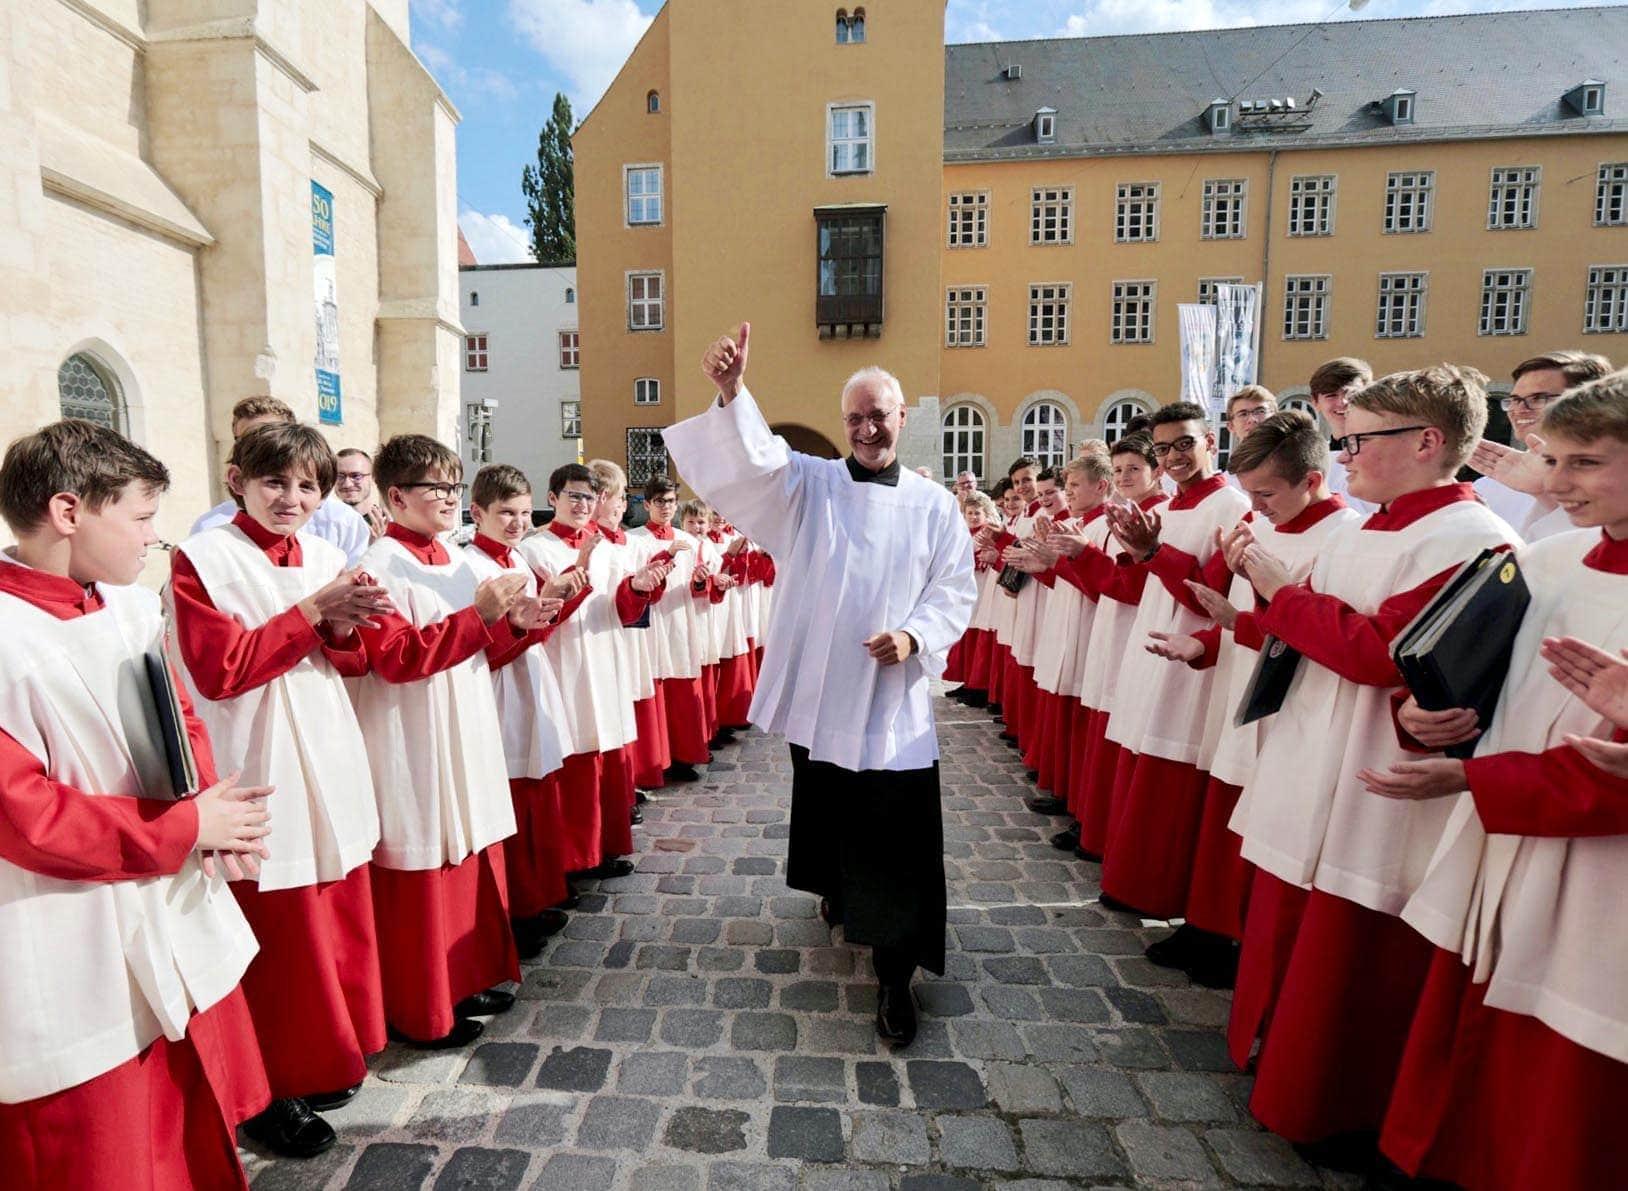 Feierlicher Abschied von Domkapellmeister Roland Büchner 200 Domspatzen standen Spalier